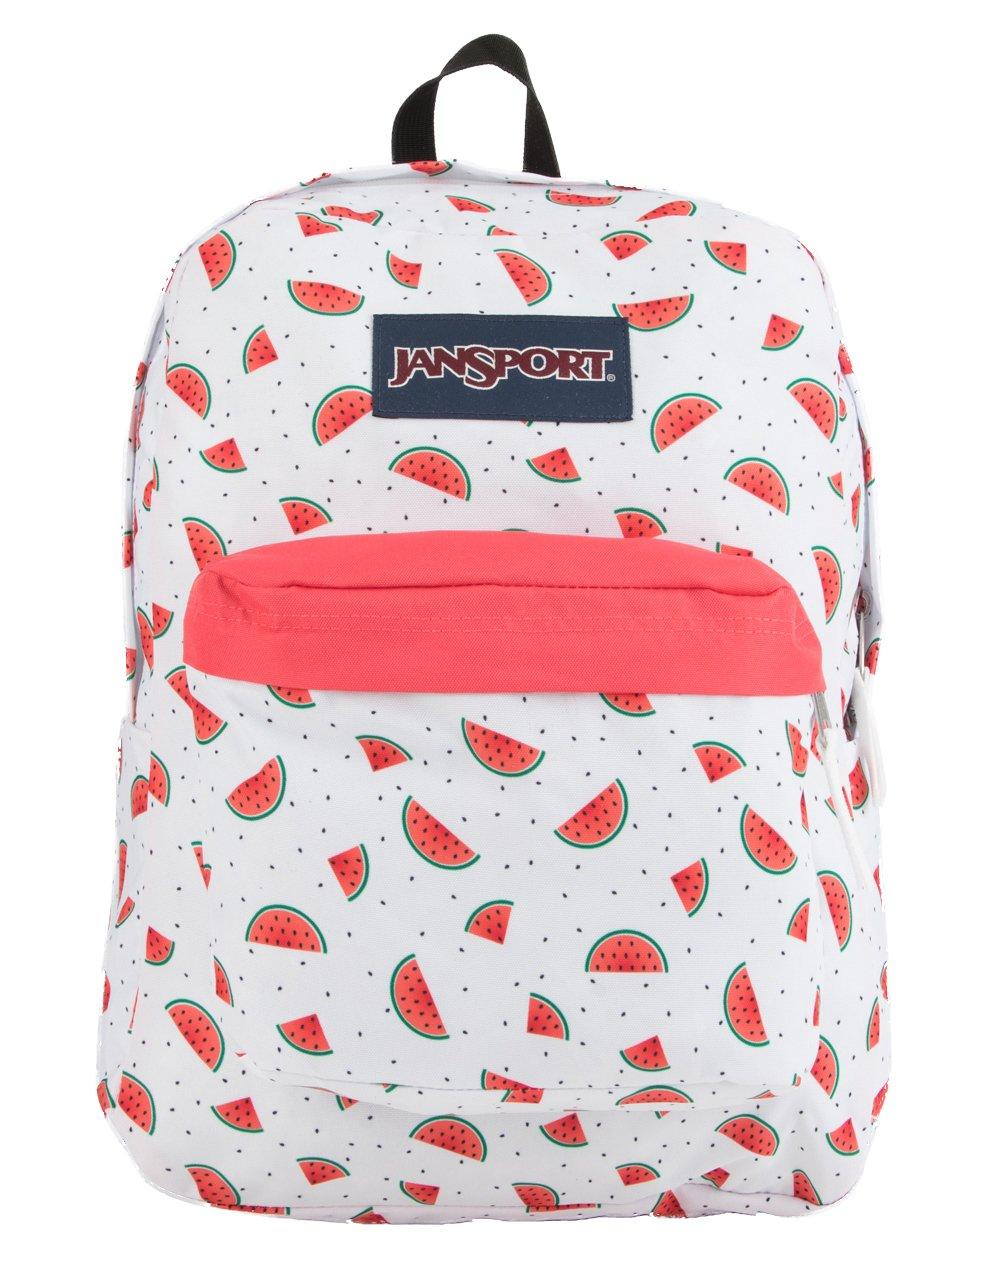 JanSport Superbreak Backpack - Watermelon Rain - Classic, Ultralight by JanSport